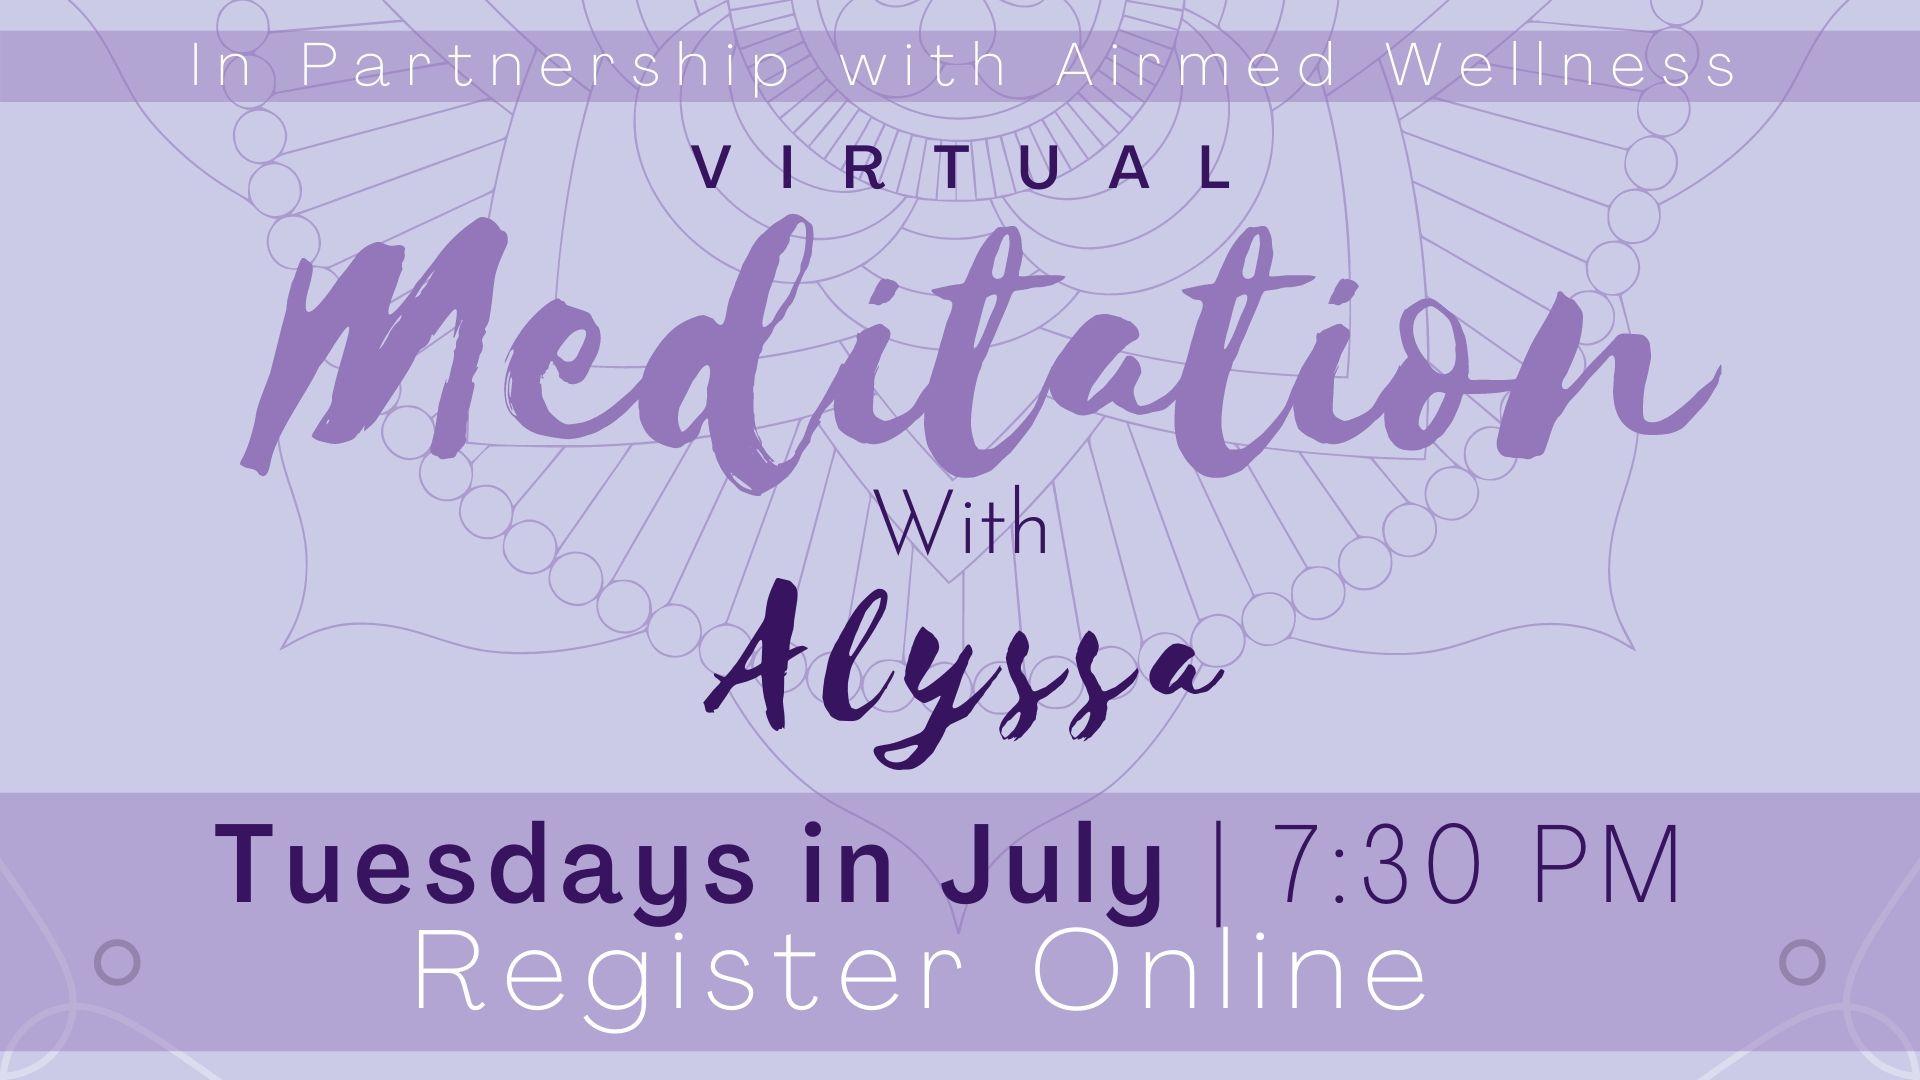 Meditation with Alyssa (Virtual Program)